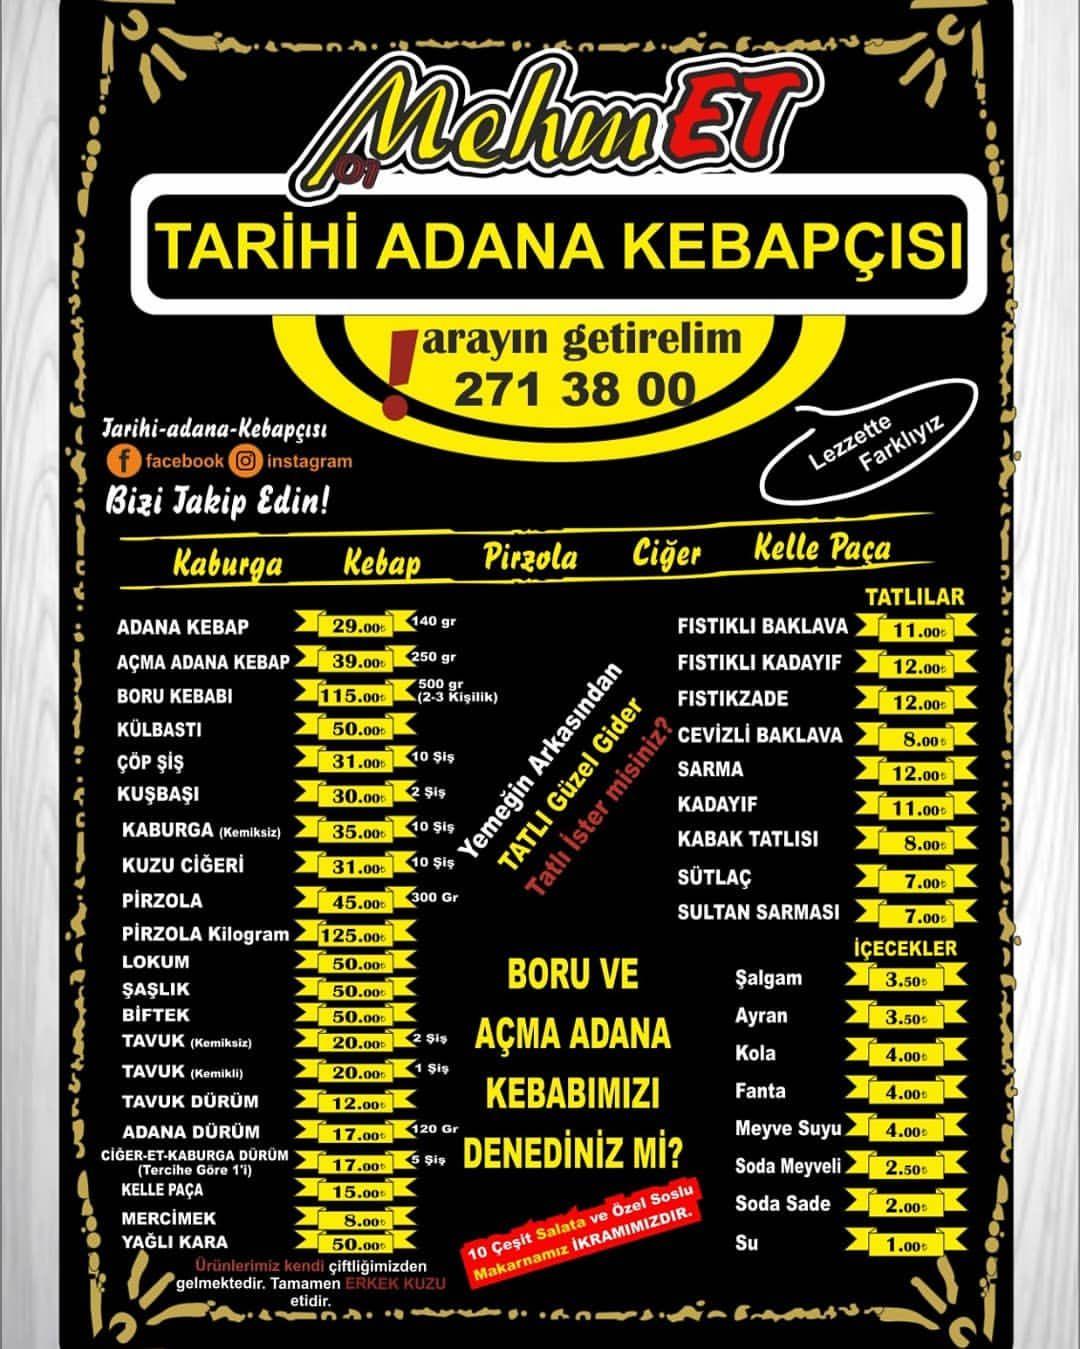 Tarihi Adana Kebapcisi Mehmet Kayseri Ramazan 2020 Iftar Menu Ve Fiyatlar Corbalar Kelle Paca 15 Tl Mercimek 8 Tl Kebap Et Urunleri Adana K 2020 Iftar Kebap Tarih